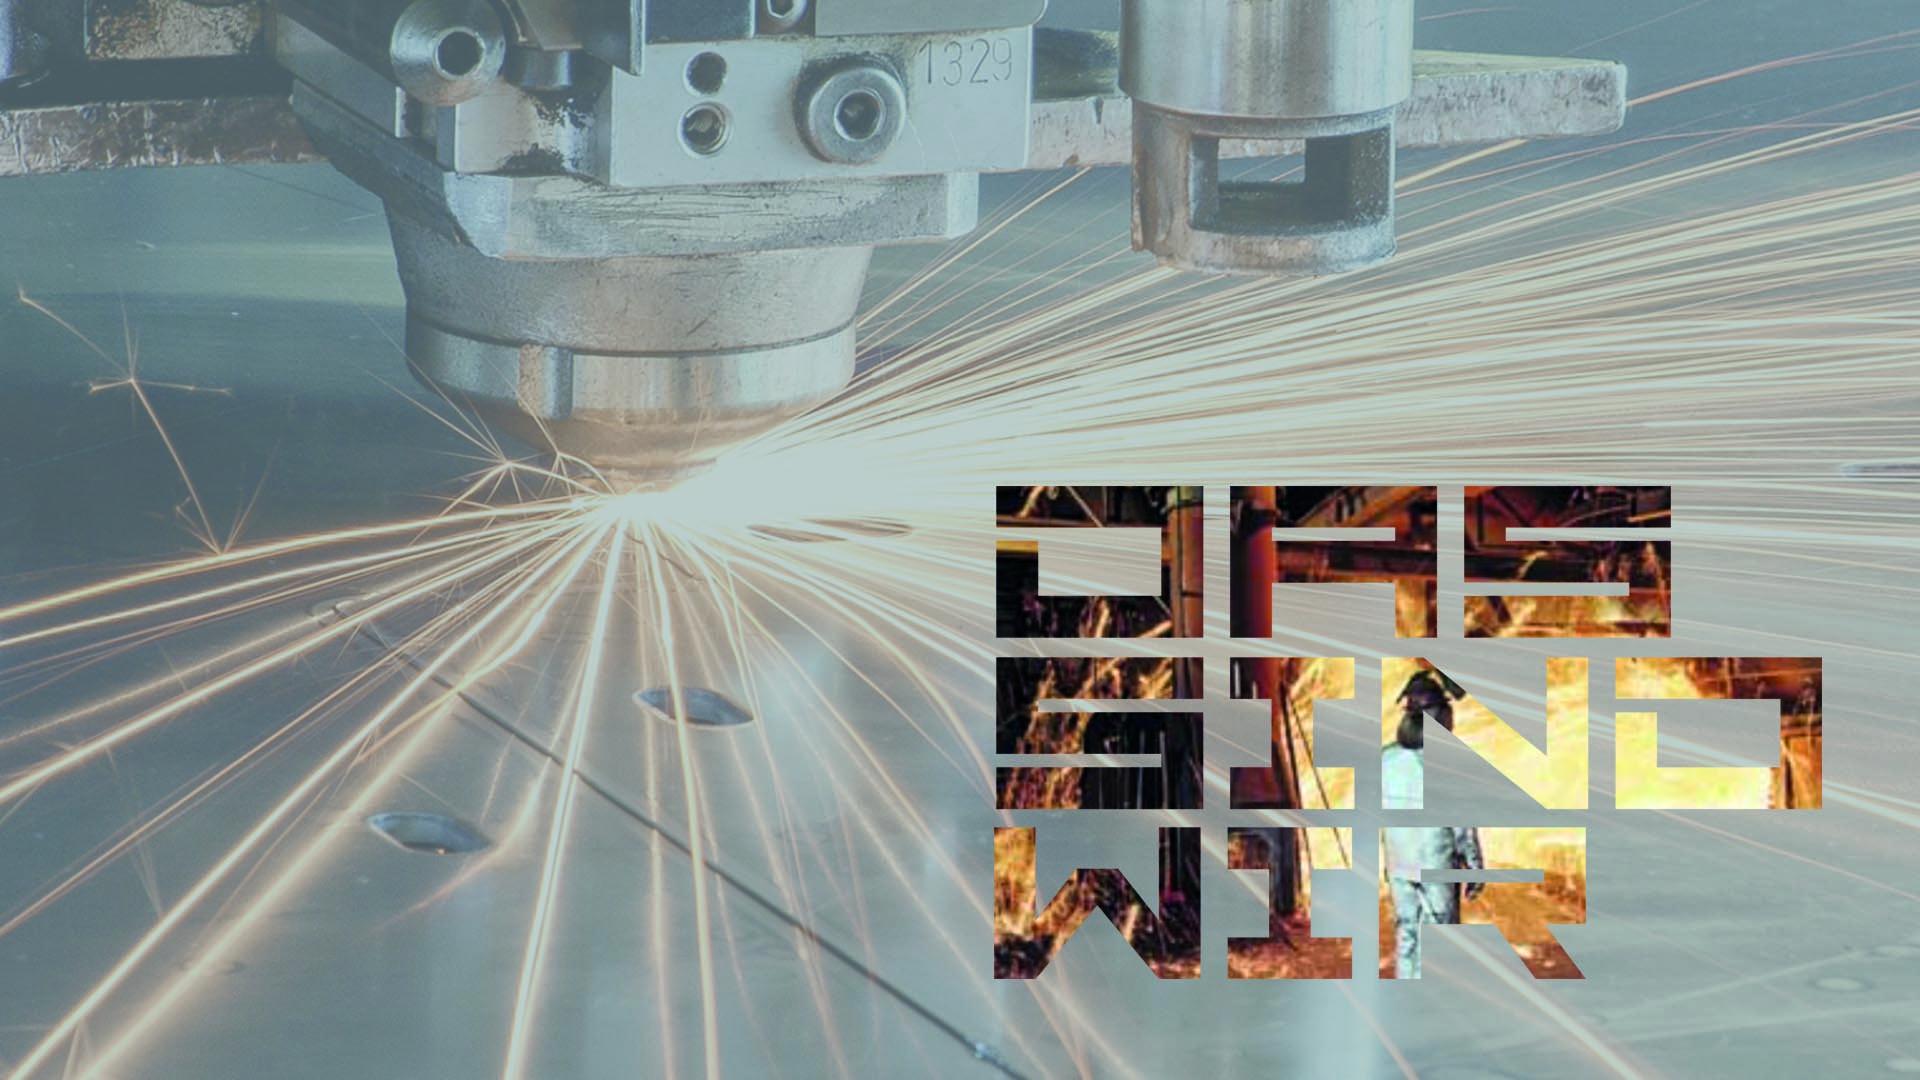 Stahlwerk-Hennef-Das-Sind-Wir